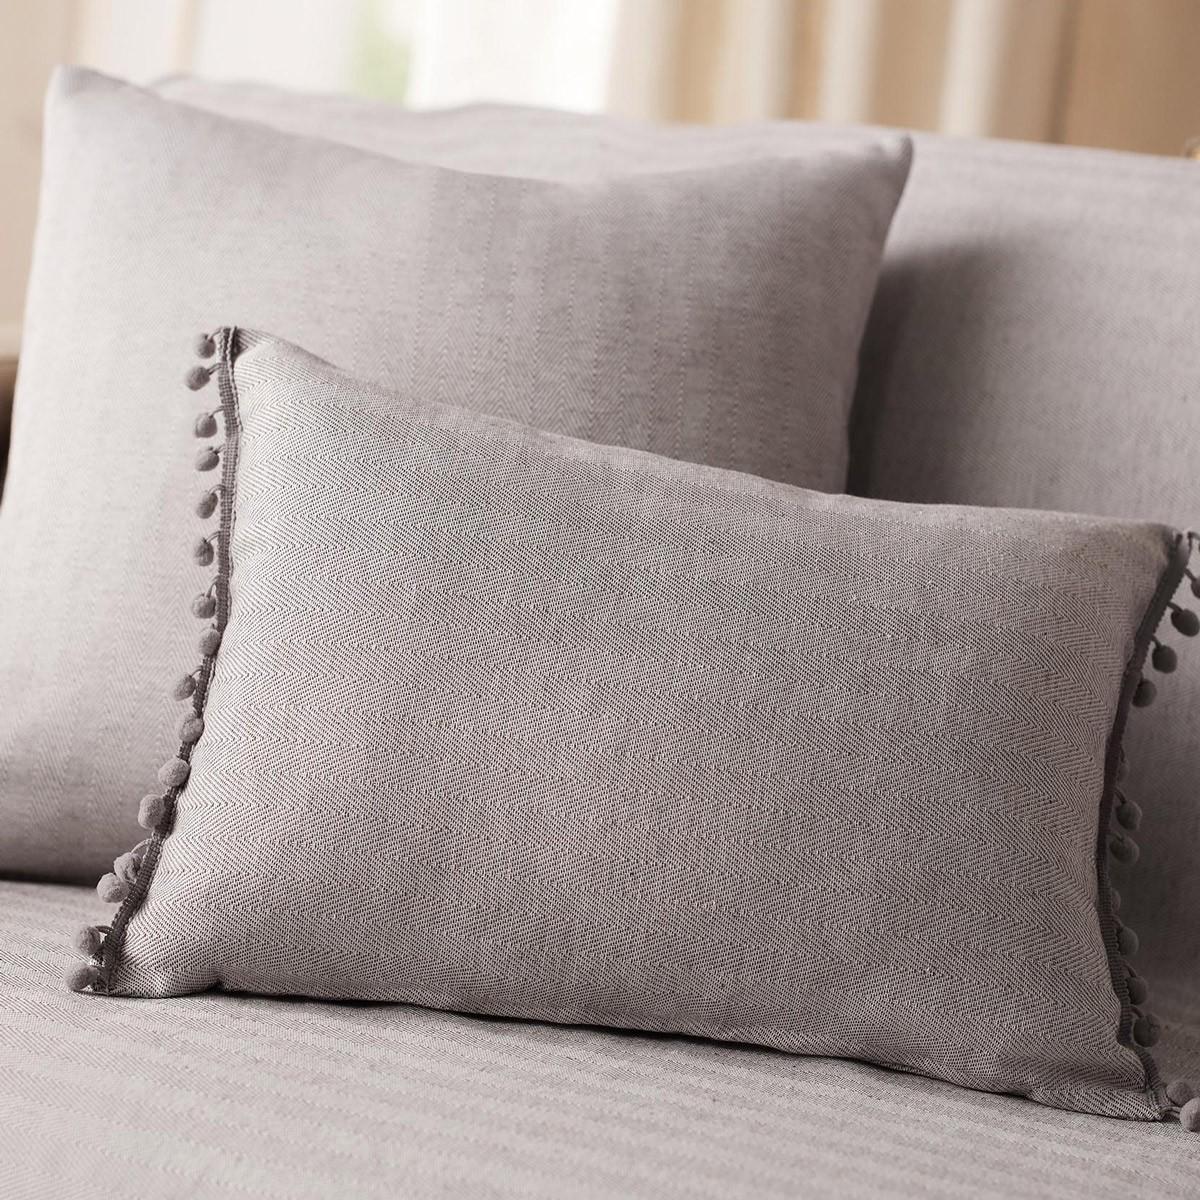 Διακοσμητική Μαξιλαροθήκη (30x45) Gofis Home Herring Grey 732/15